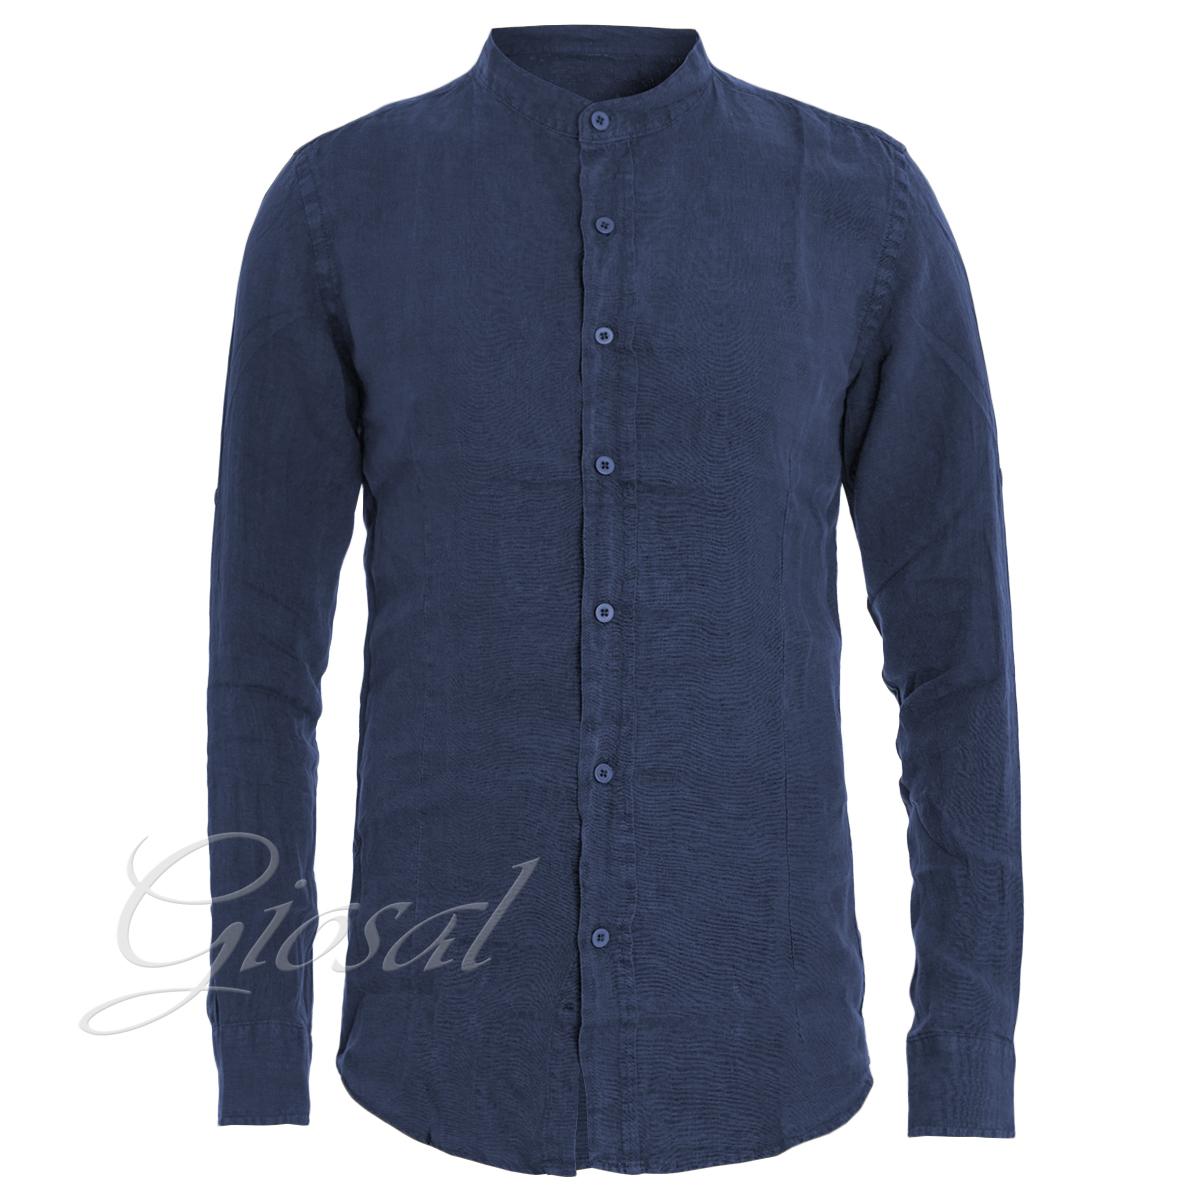 Camicia-Uomo-Collo-Coreano-Tinta-Unita-Blu-Lino-Maniche-Lunghe-Casual-GIOSAL miniatura 5